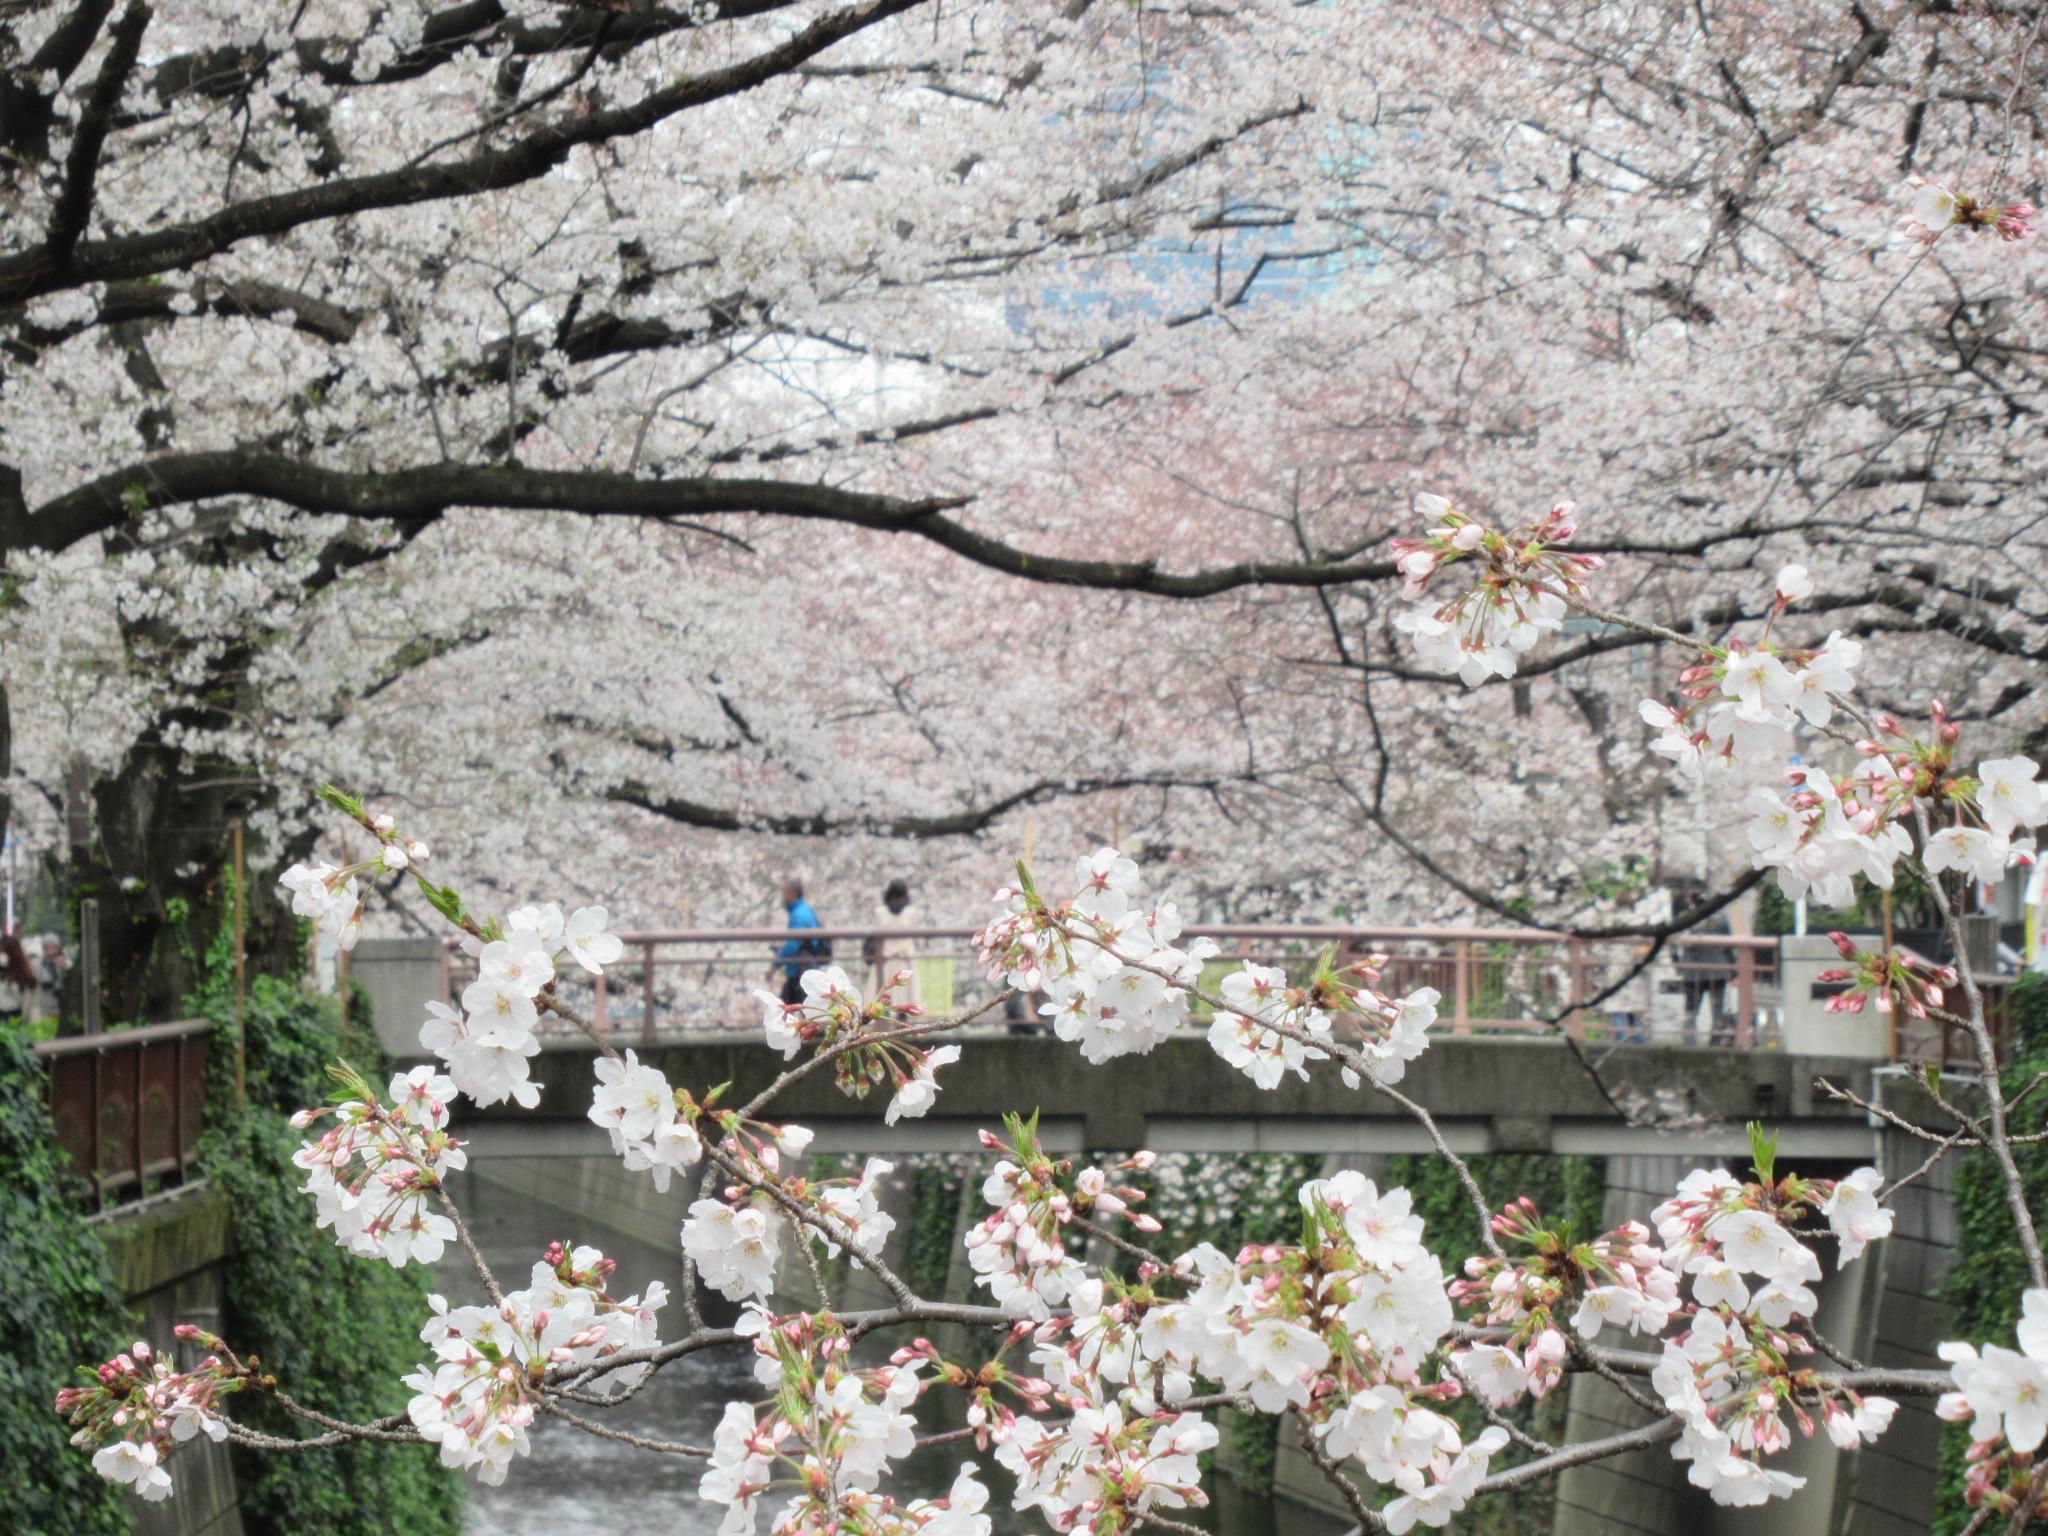 目黒川の桜② 手前の桜に焦点